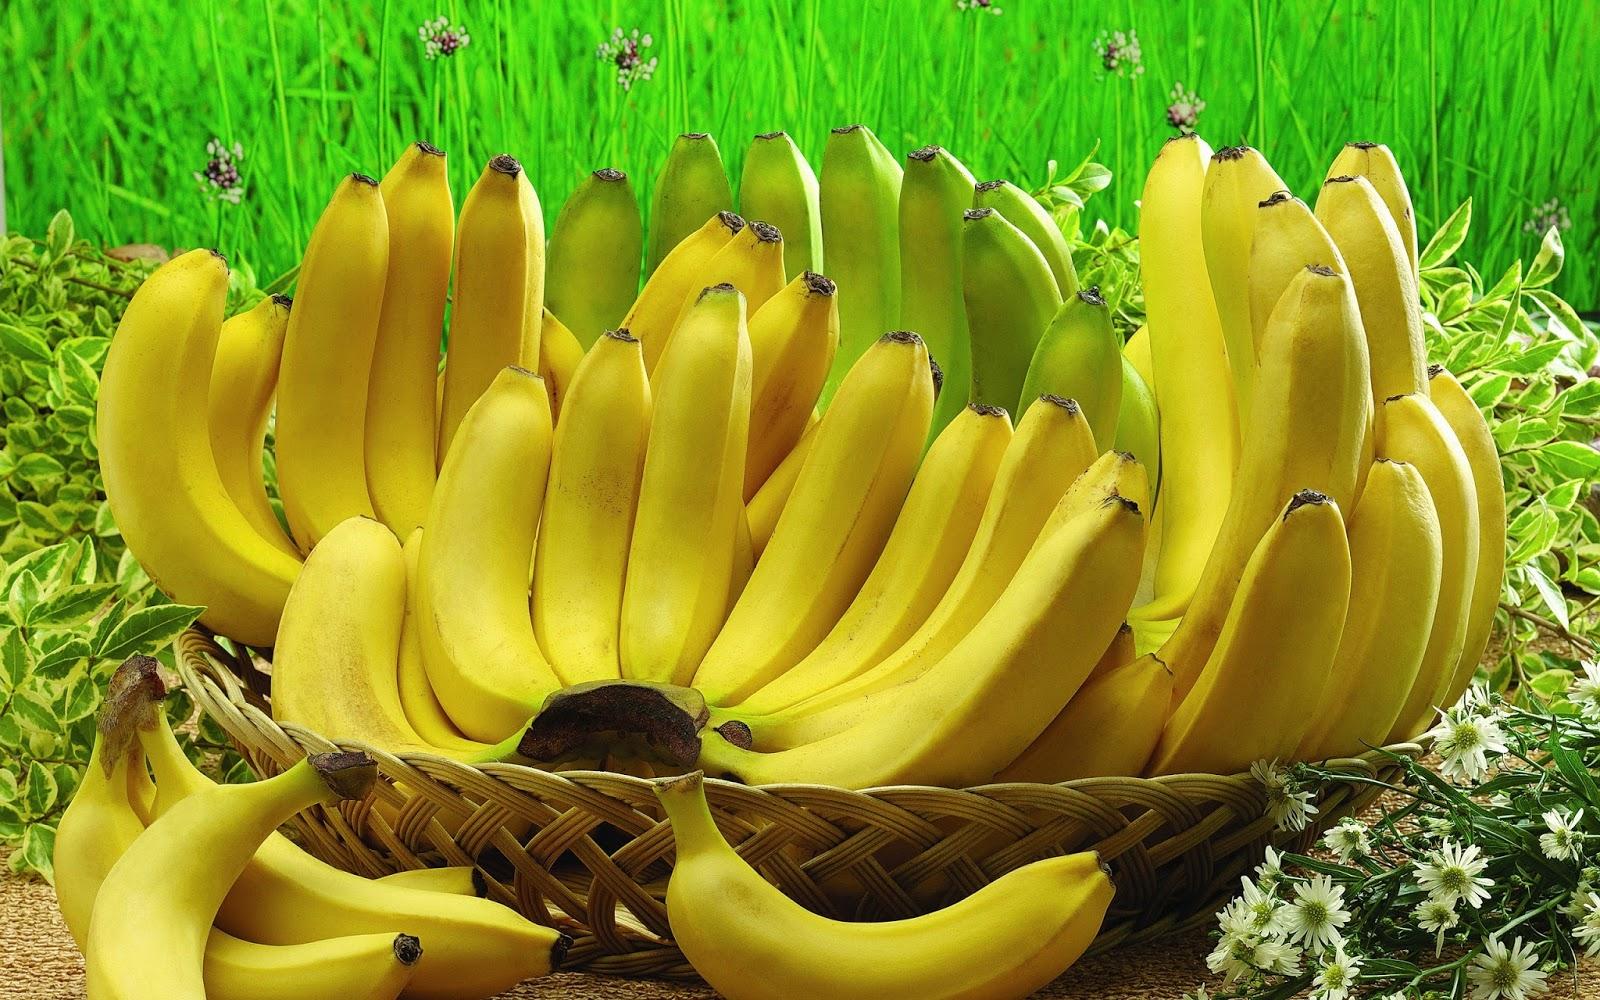 manfaat pisang ambon